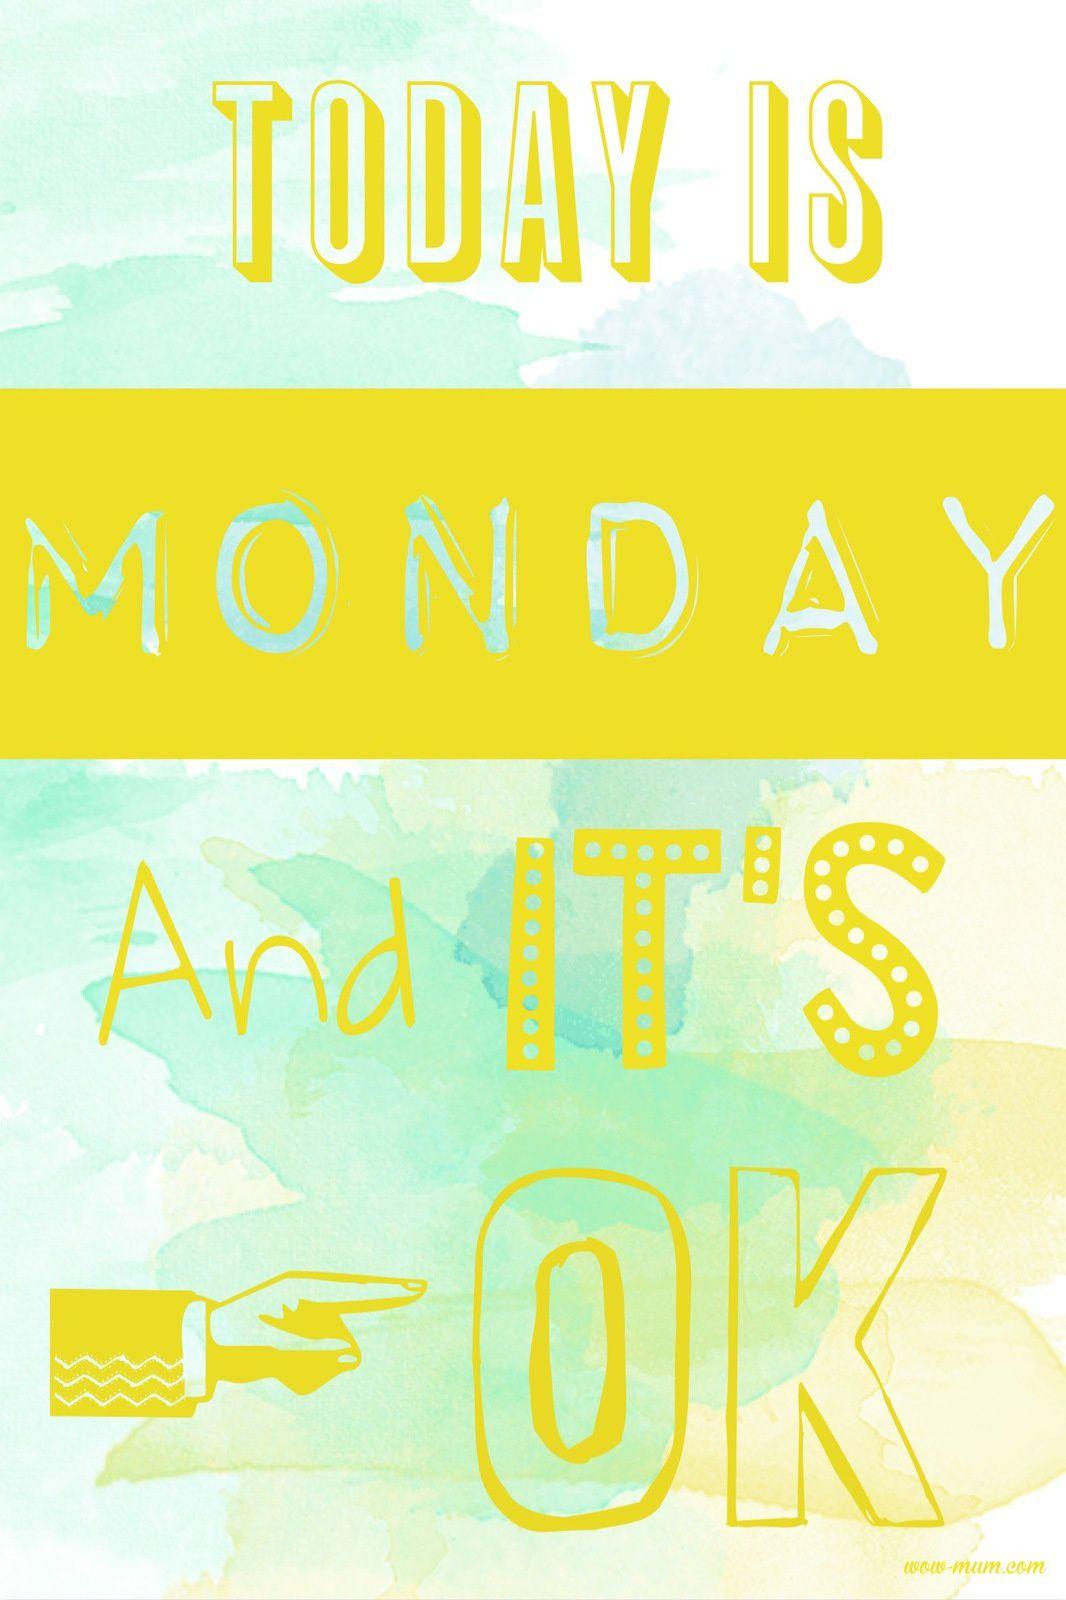 C'est lundi et c'est permis !